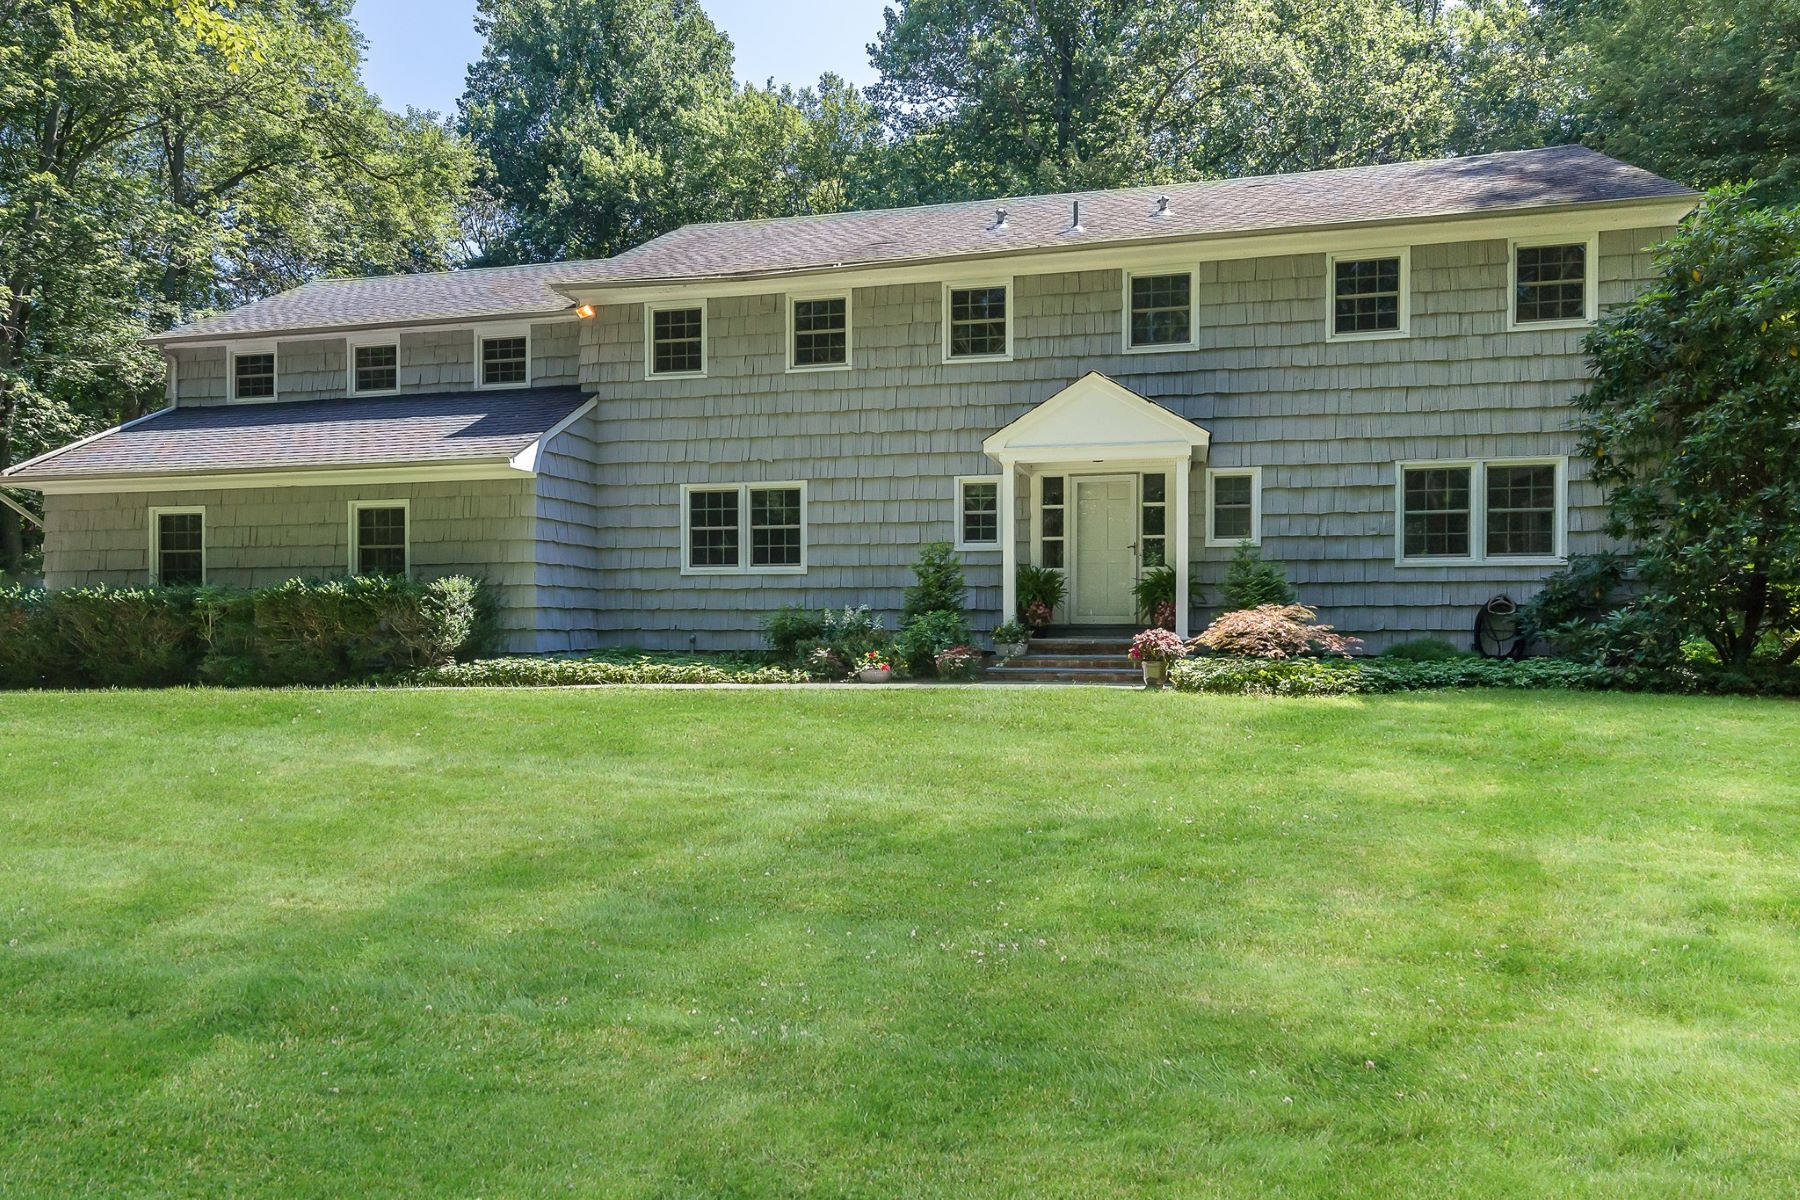 独户住宅 为 销售 在 28 Frost Mill Rd , Mill Neck, NY 11765 28 Frost Mill Rd, Mill Neck, 纽约州, 11765 美国